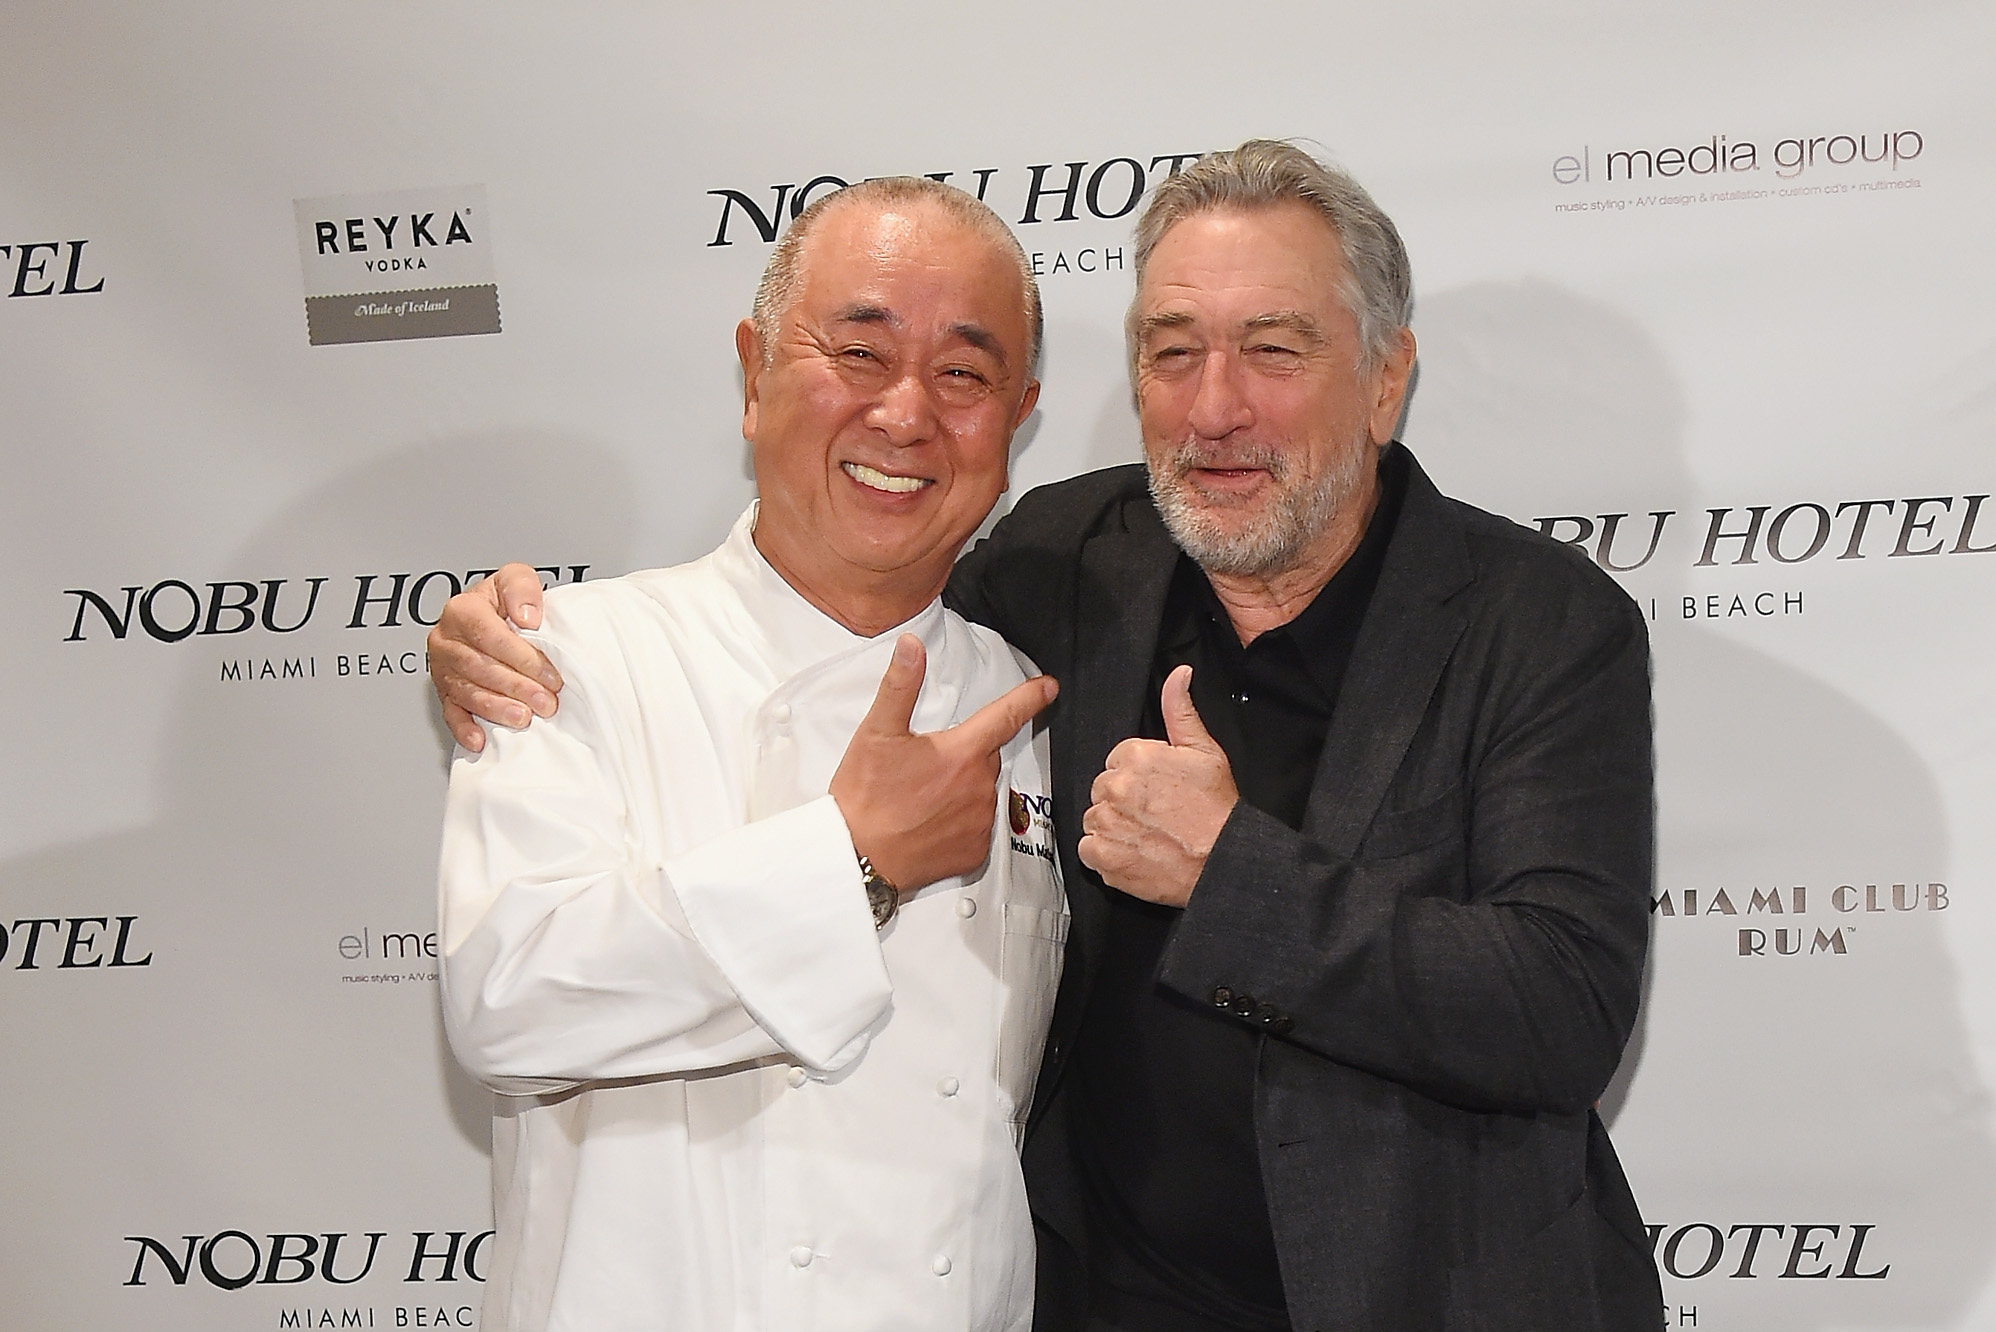 How Robert De Niro Convinced Nobu to Build a Restaurant Empire